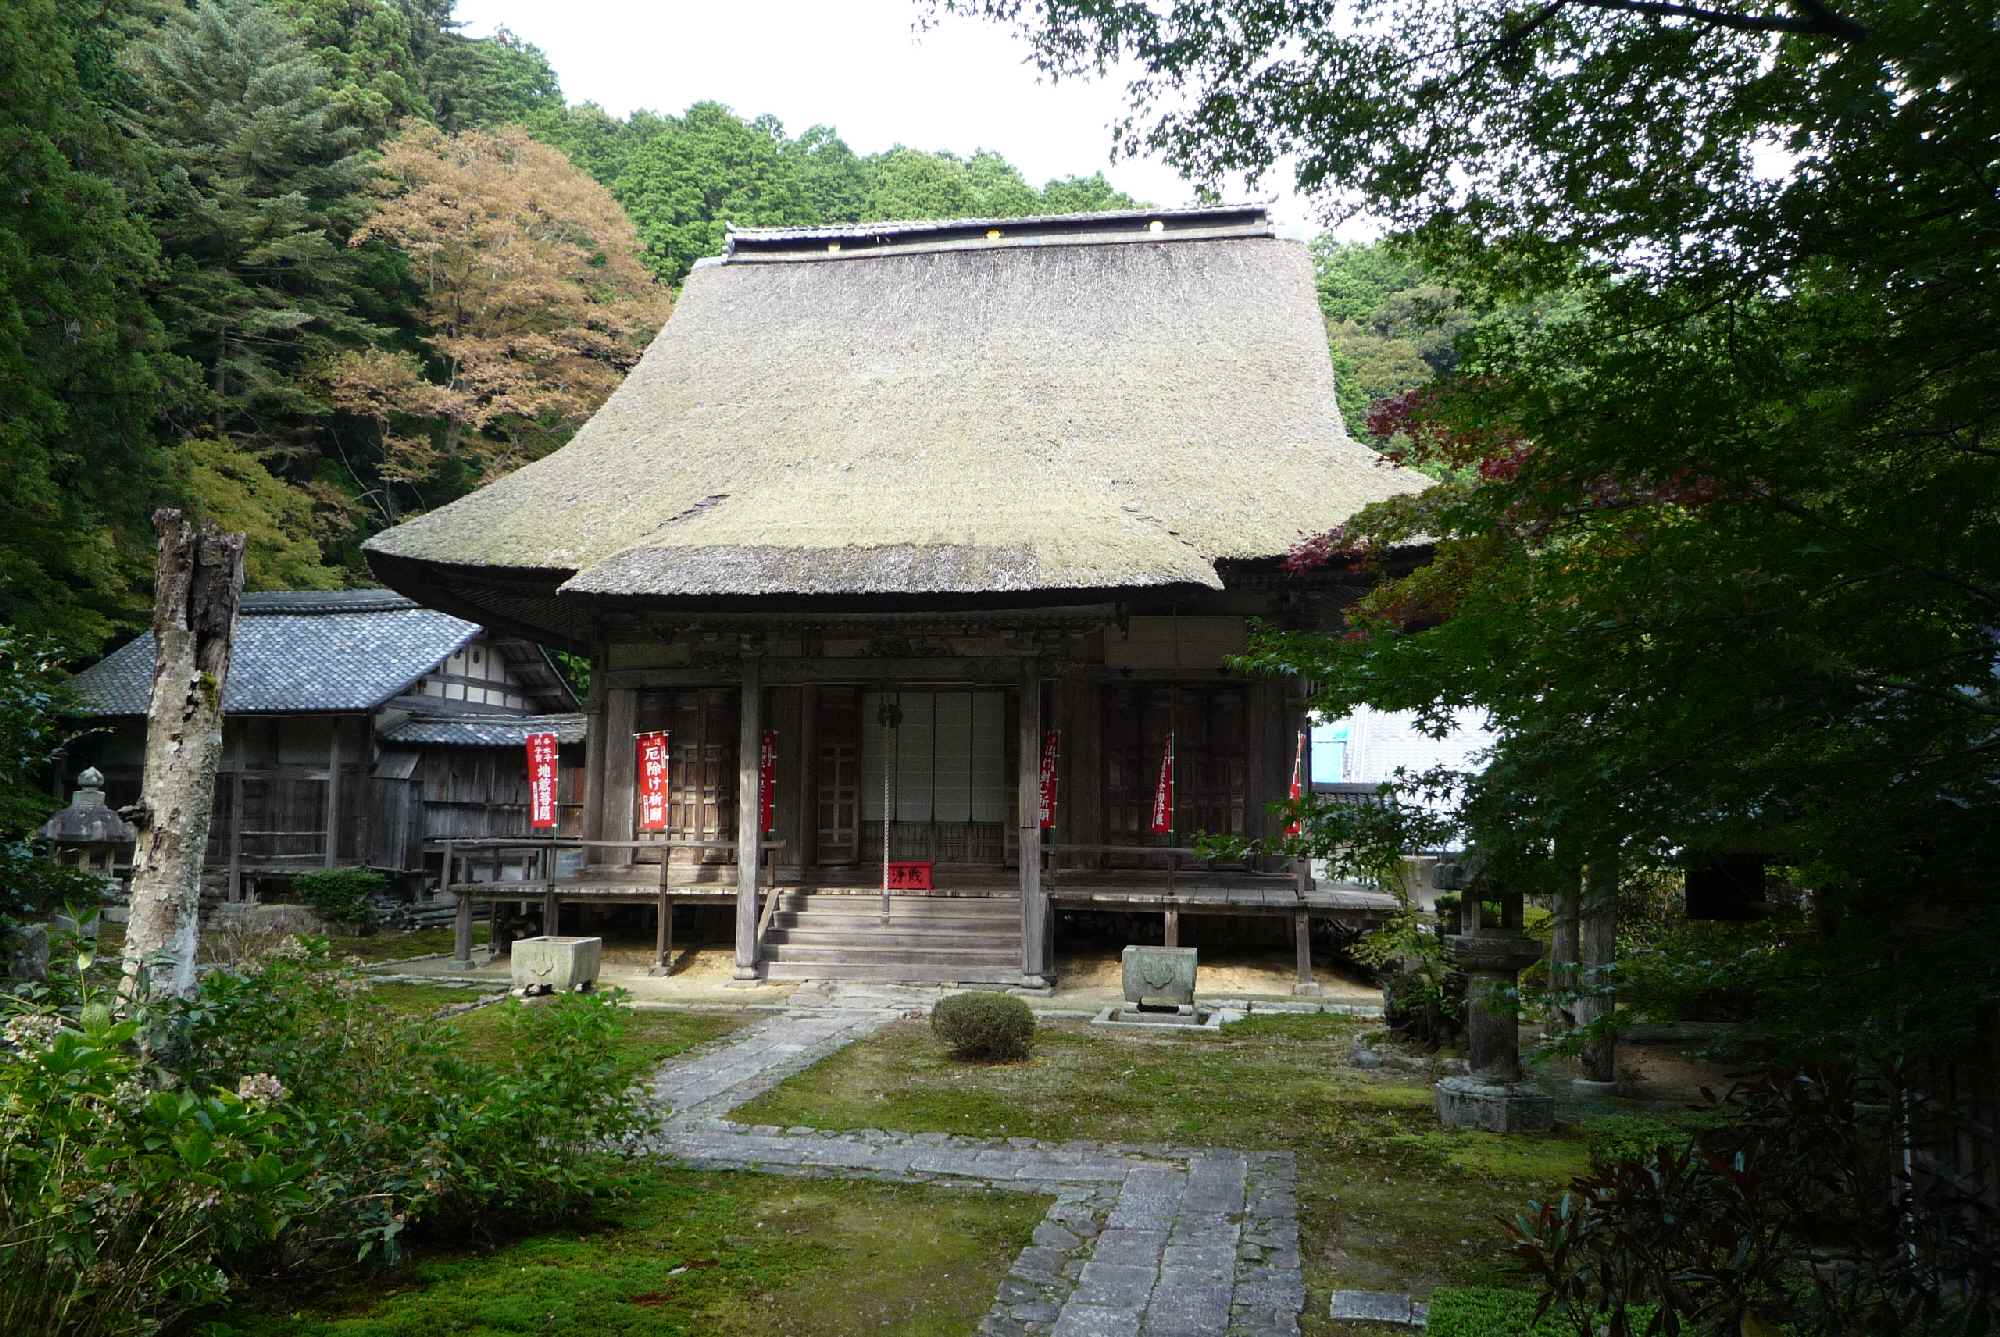 滋賀県東近江市観光おすすめスポットを紹介!名所「五個荘」に商人の魂!